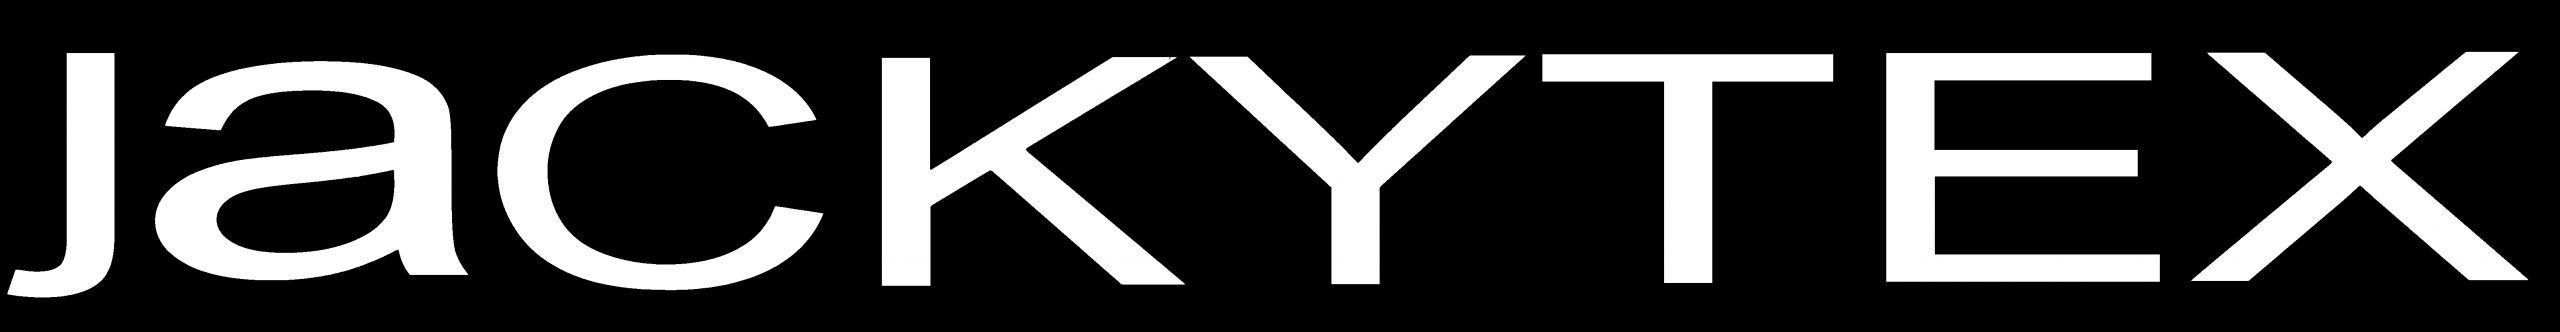 logo jackytex bianco